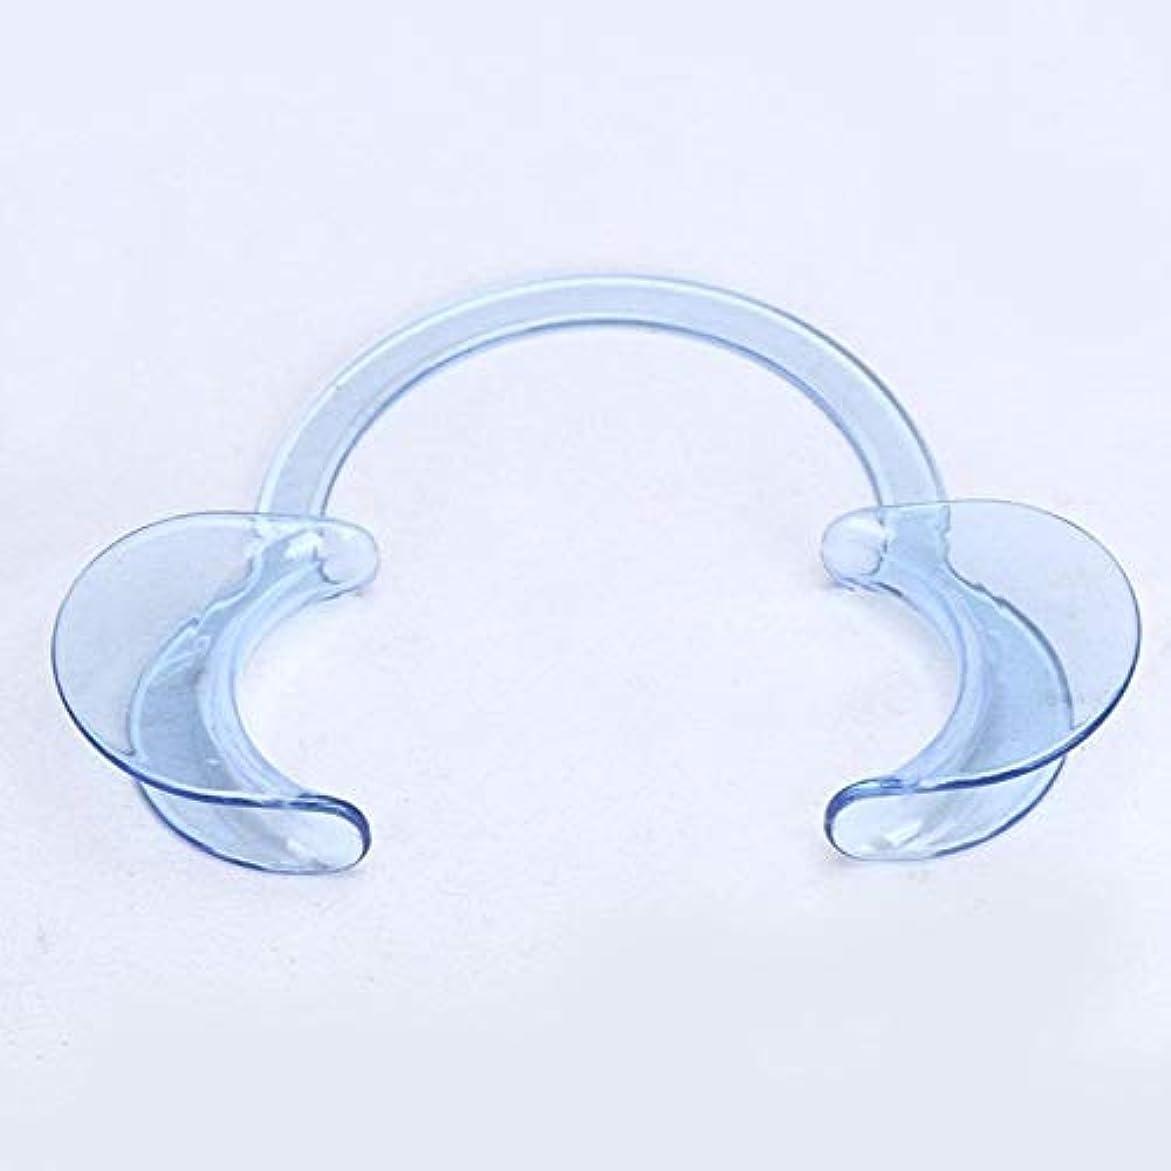 尋ねる湿気の多い困惑したDC パック 歯科 C型 開口器 口オープナー マウスオープナー 開口マウスオープナー C型ホワイトニング口の開創器